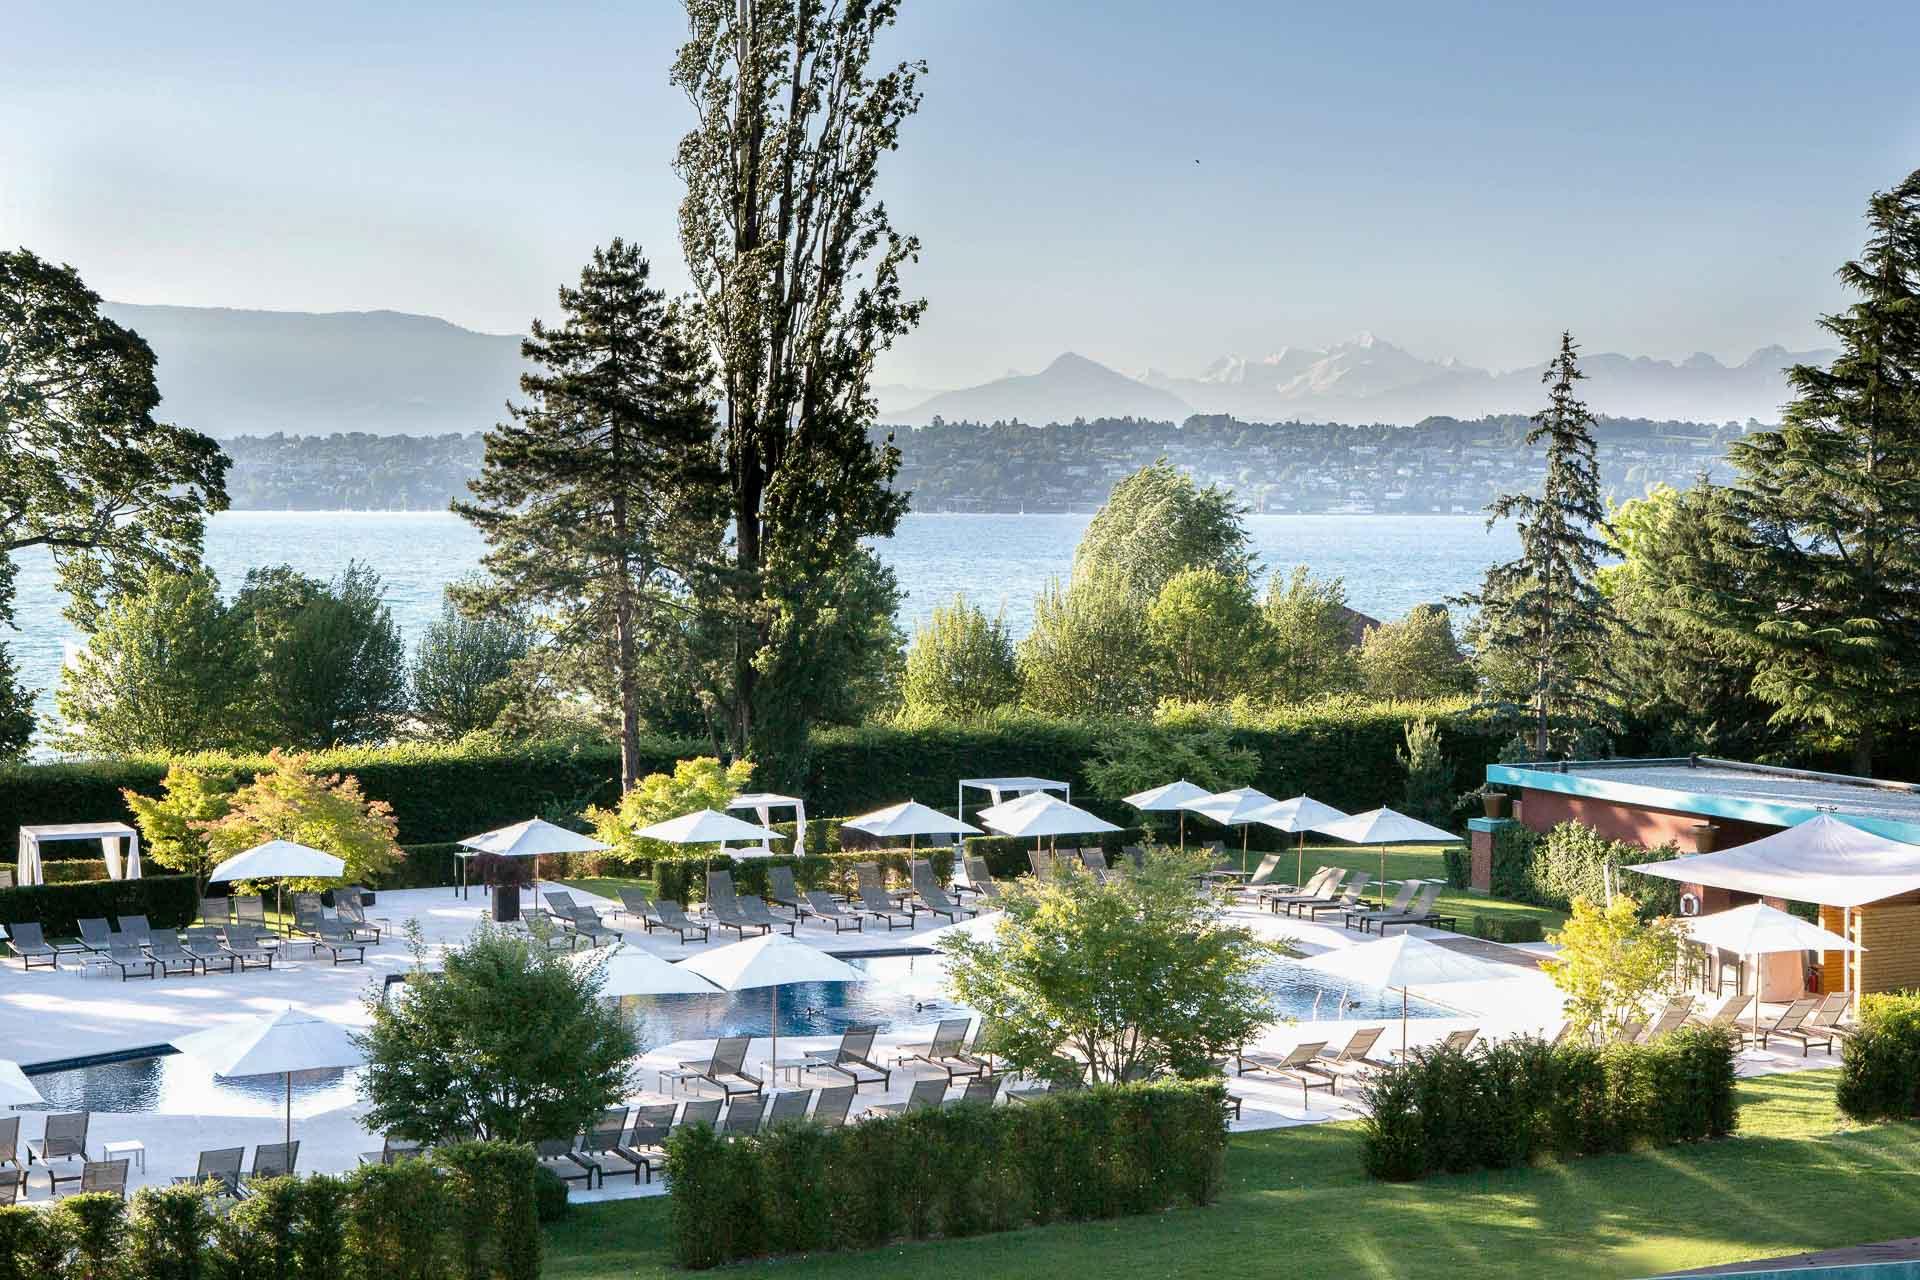 Posé au bord du Lac Léman, à quelques kilomètres de la ville, La Réserve Genève jouit d'un environnement préservé et enchanteur. L'offre d'activités et de services en fait le paradis des hédonistes et les Genevois accourent profiter de cette maison au style unique imaginée par Michel Reybier.